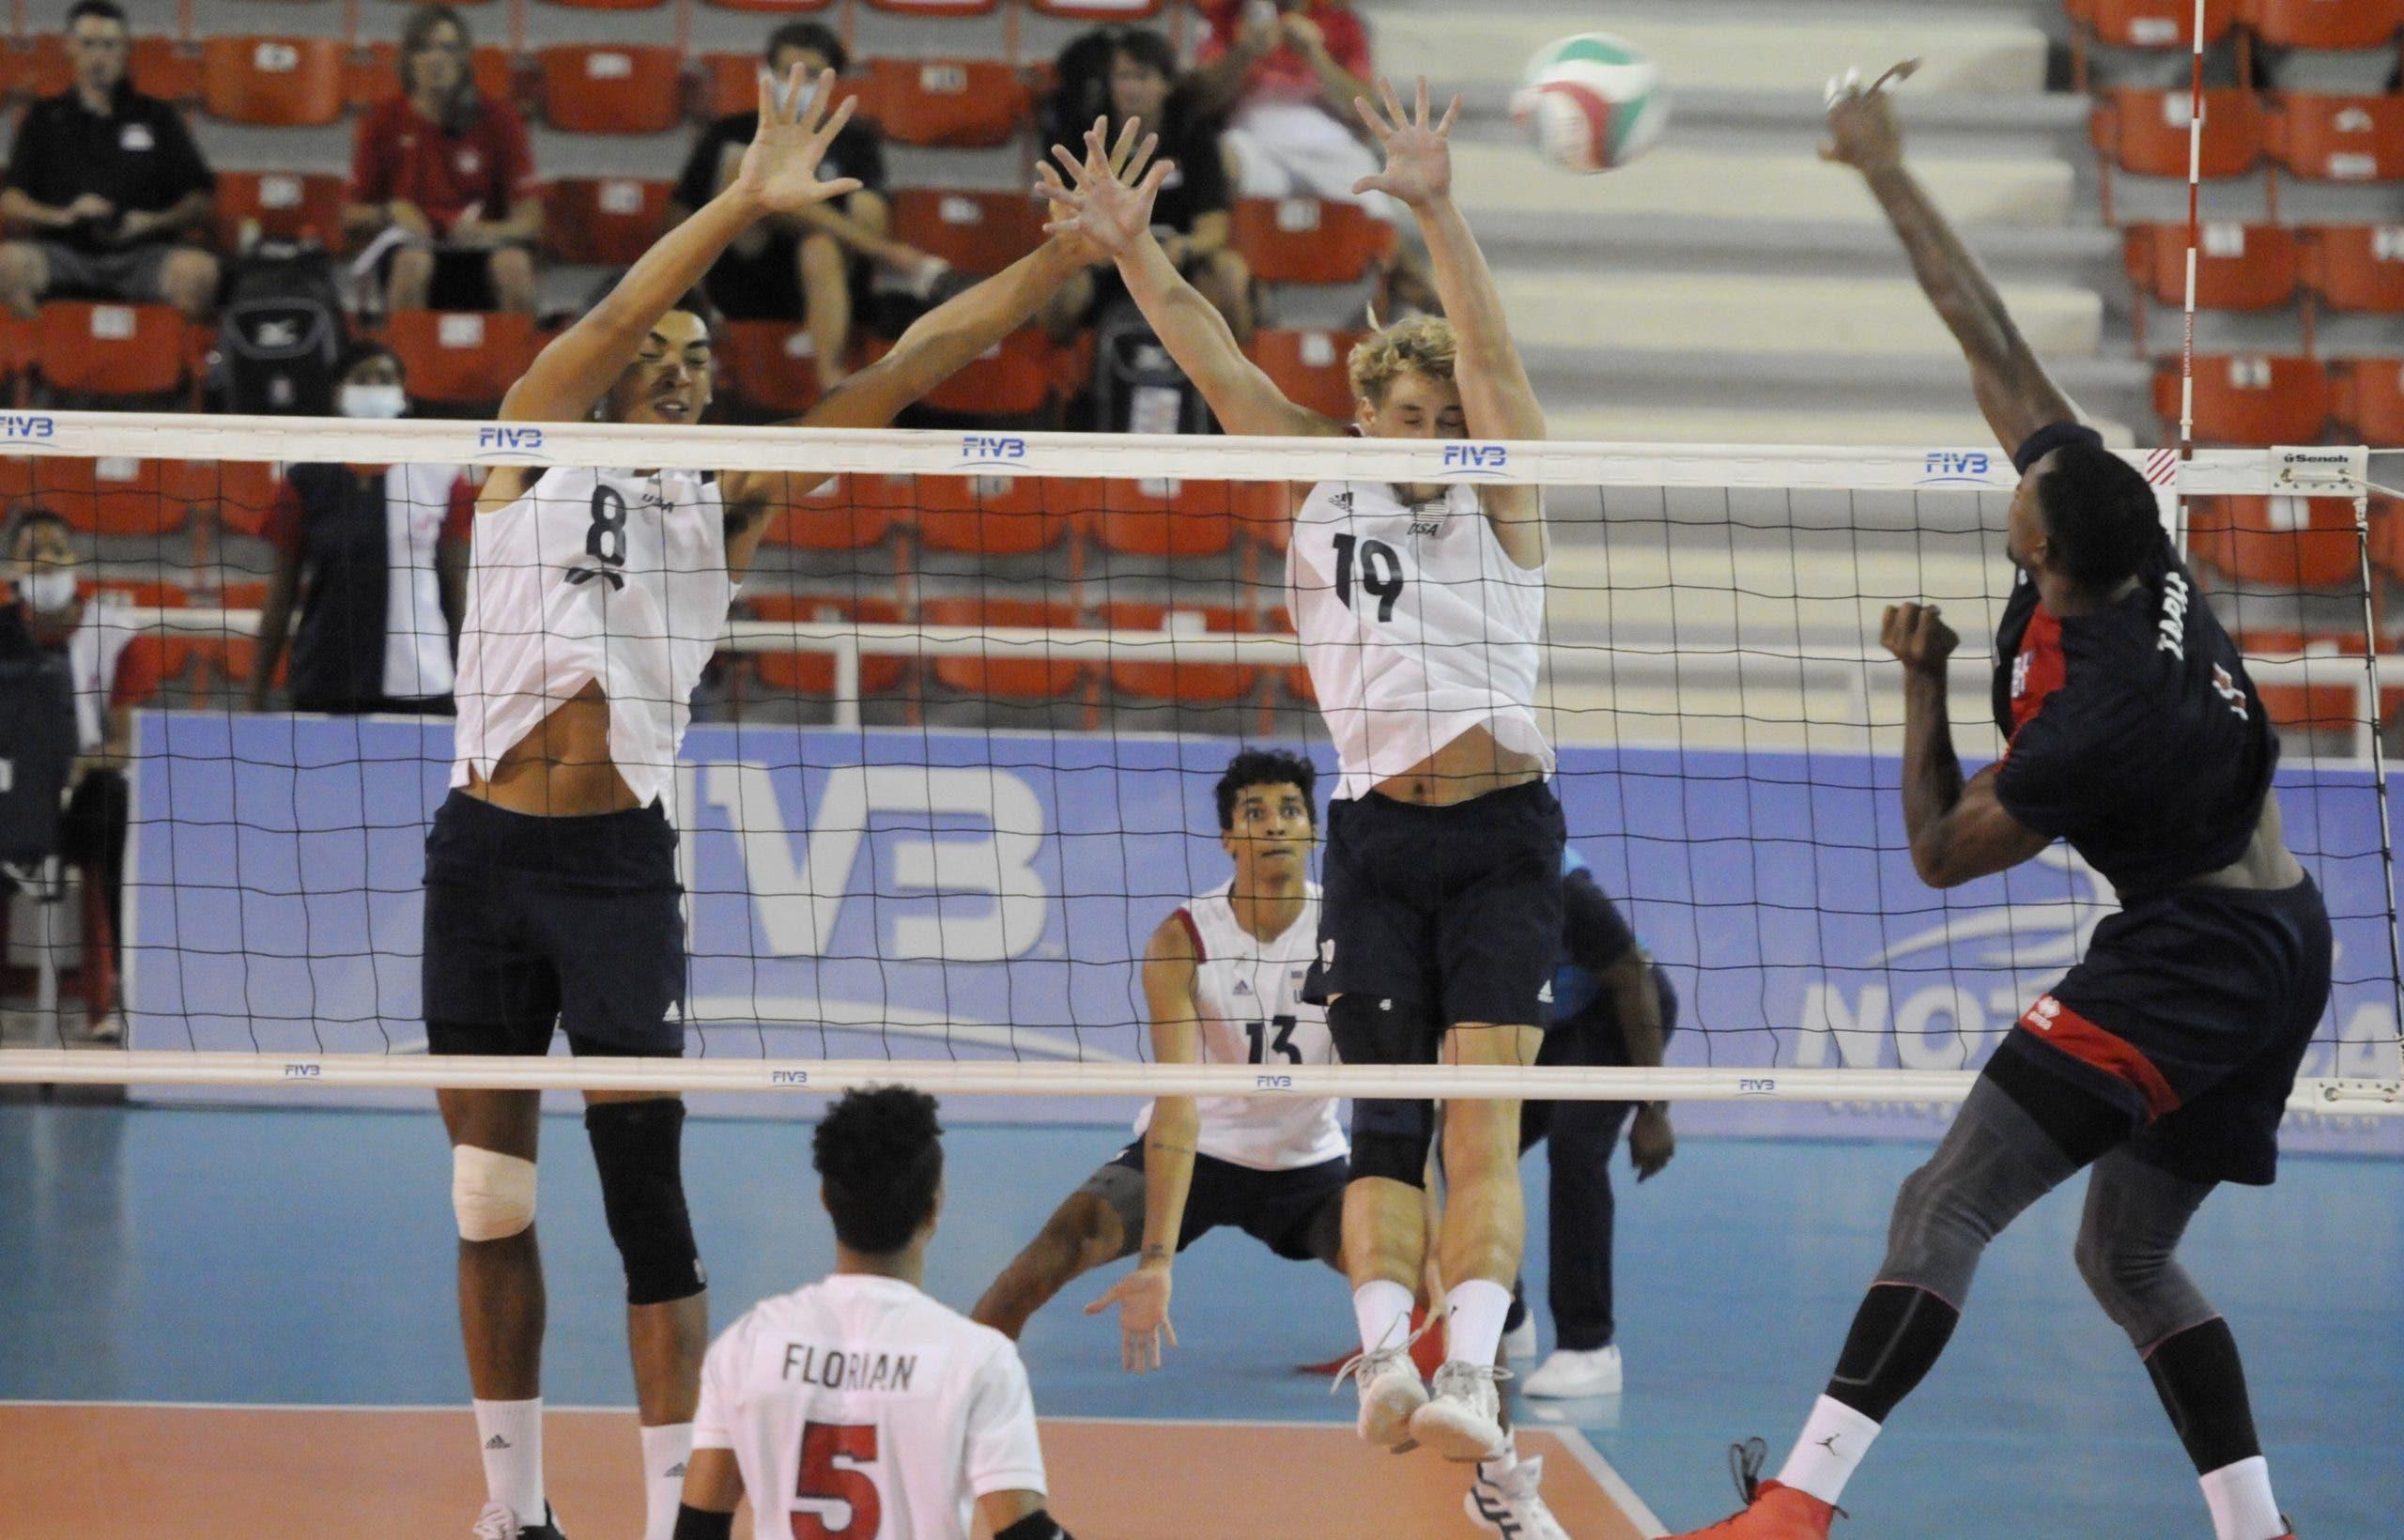 República Dominicana vence a Estados Unidos en voleibol y sigue invicto